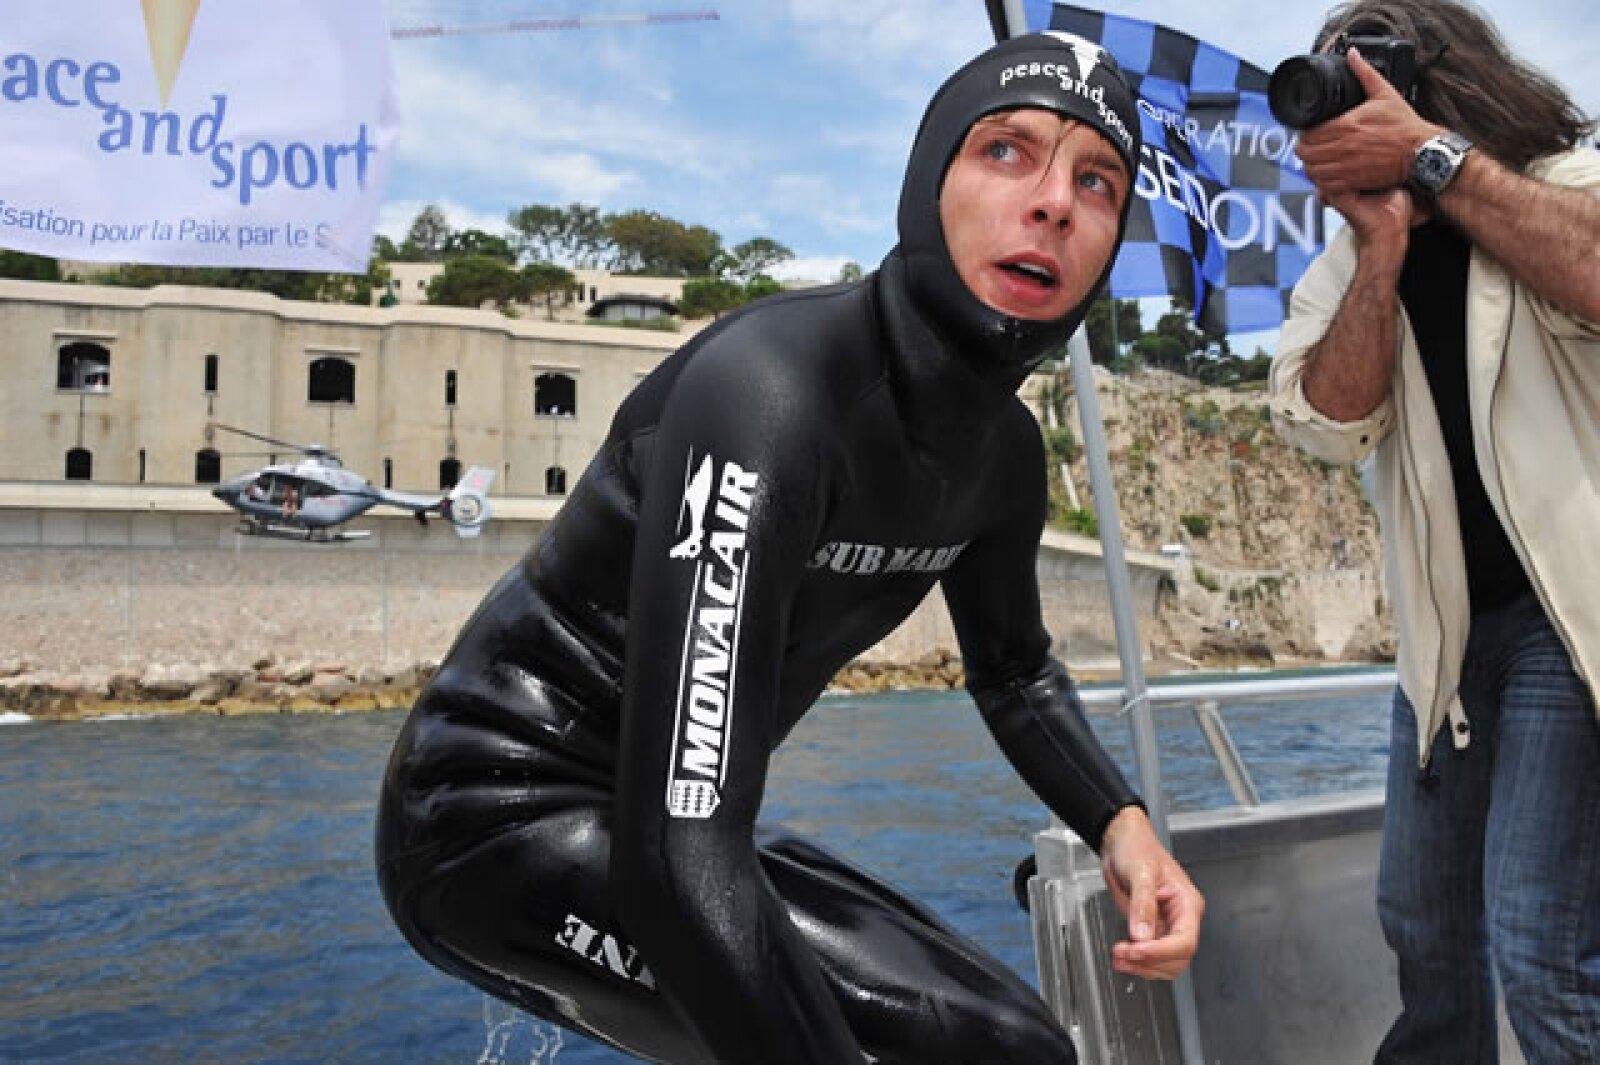 Es un hombre deportista y muy aventurero, tal como lo fue su papá, Stefano Casiraghi. Aquí en la Operation Poseidon de `Peace and Sport´.